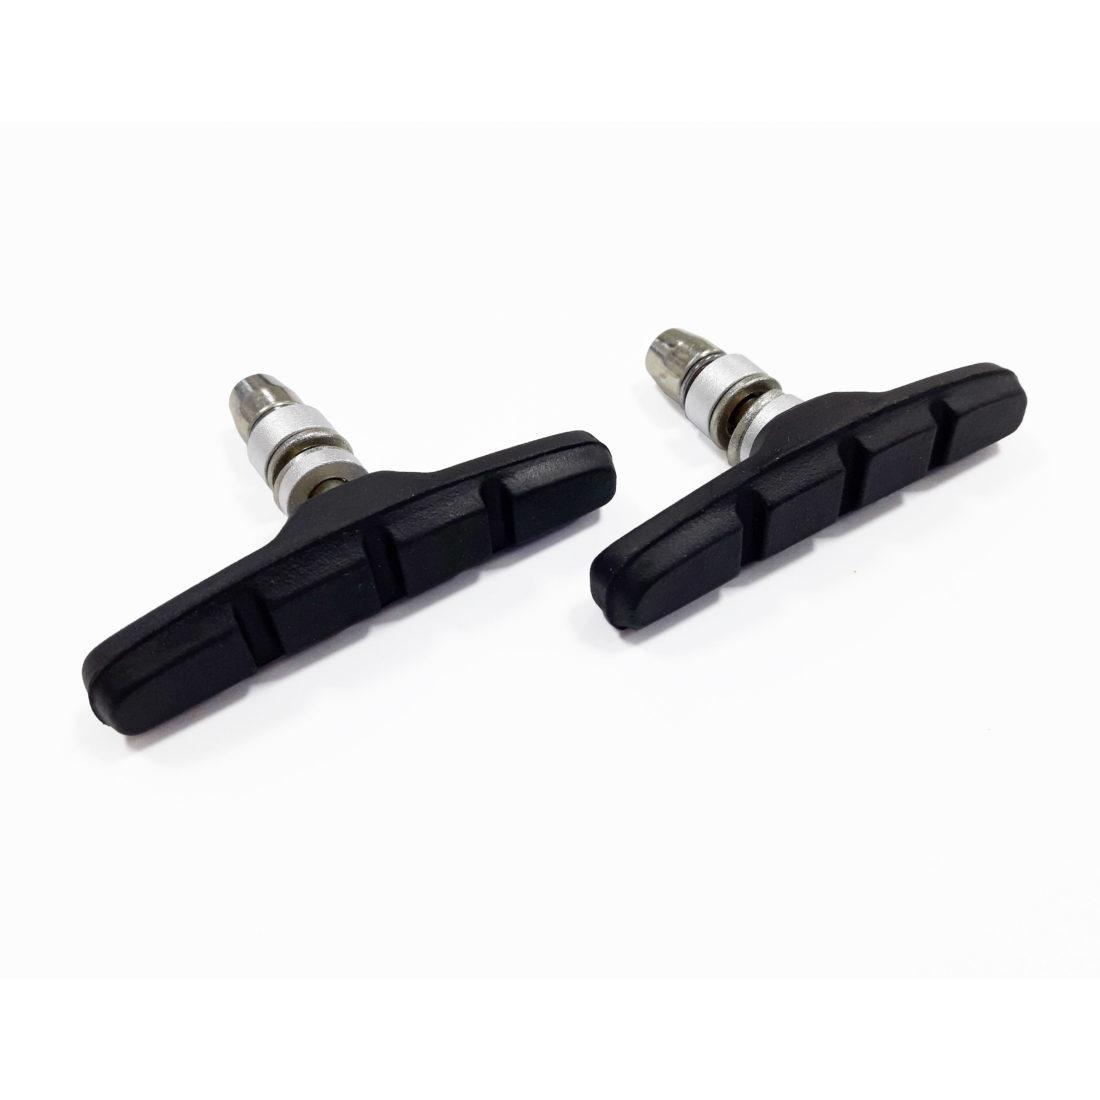 1.0145.0070.0001 - coppia pattini v-brake 70mm